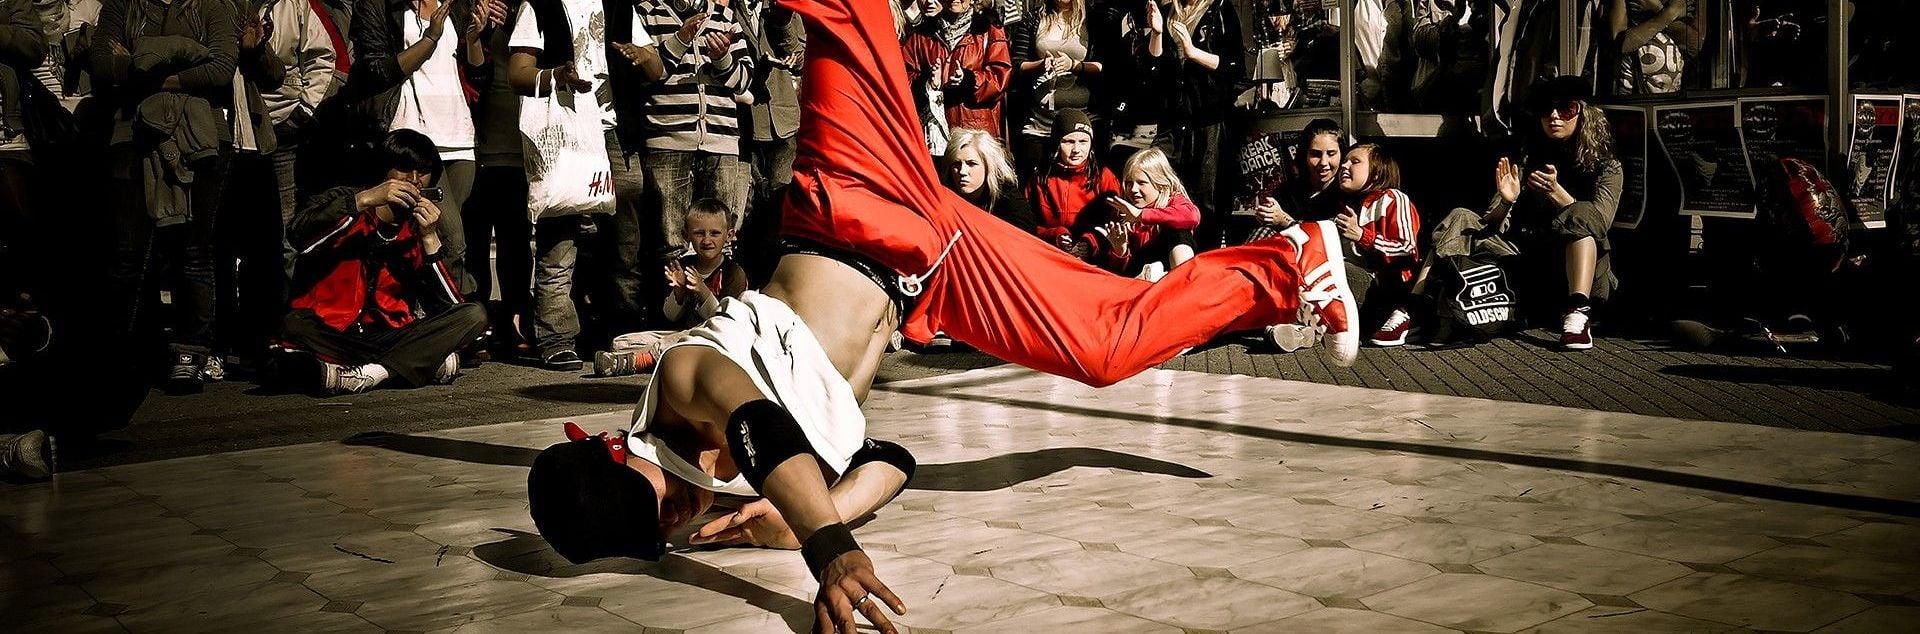 Entraînement libre de breakdance